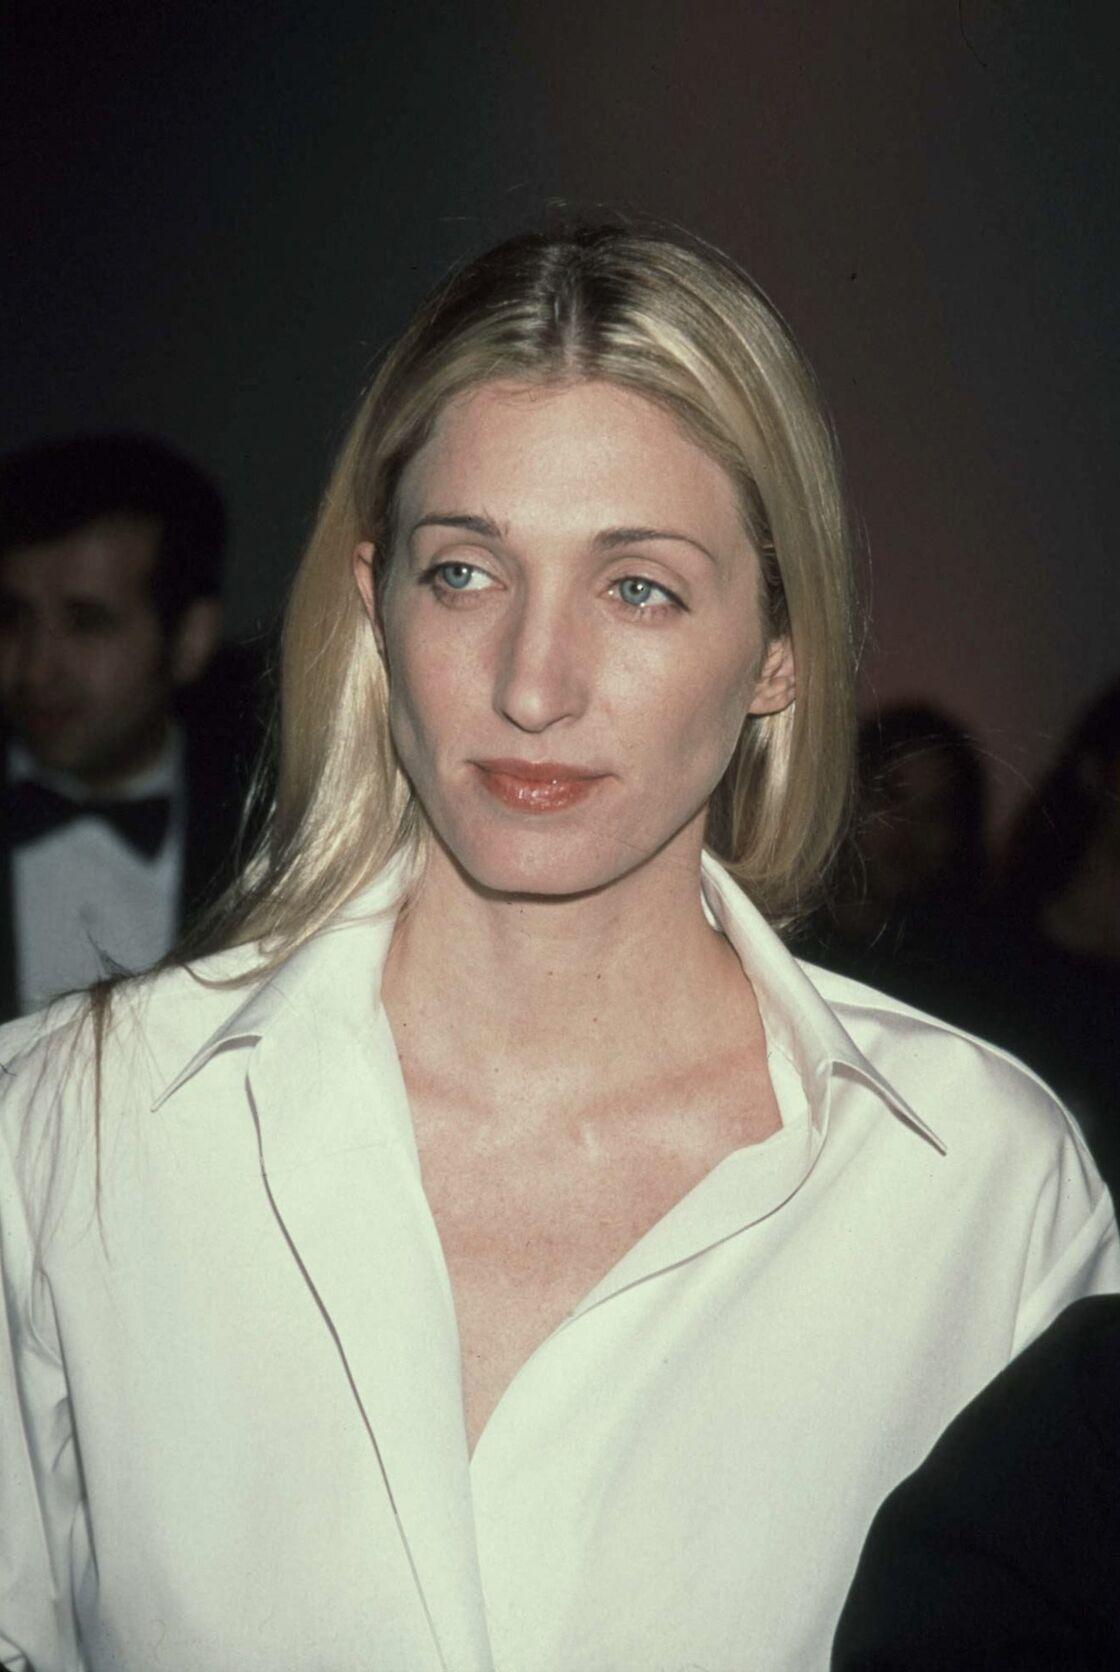 Carolyn Bessette-Kennedy, plus élégante que jamais, vêtue d'une simple chemise blanche.